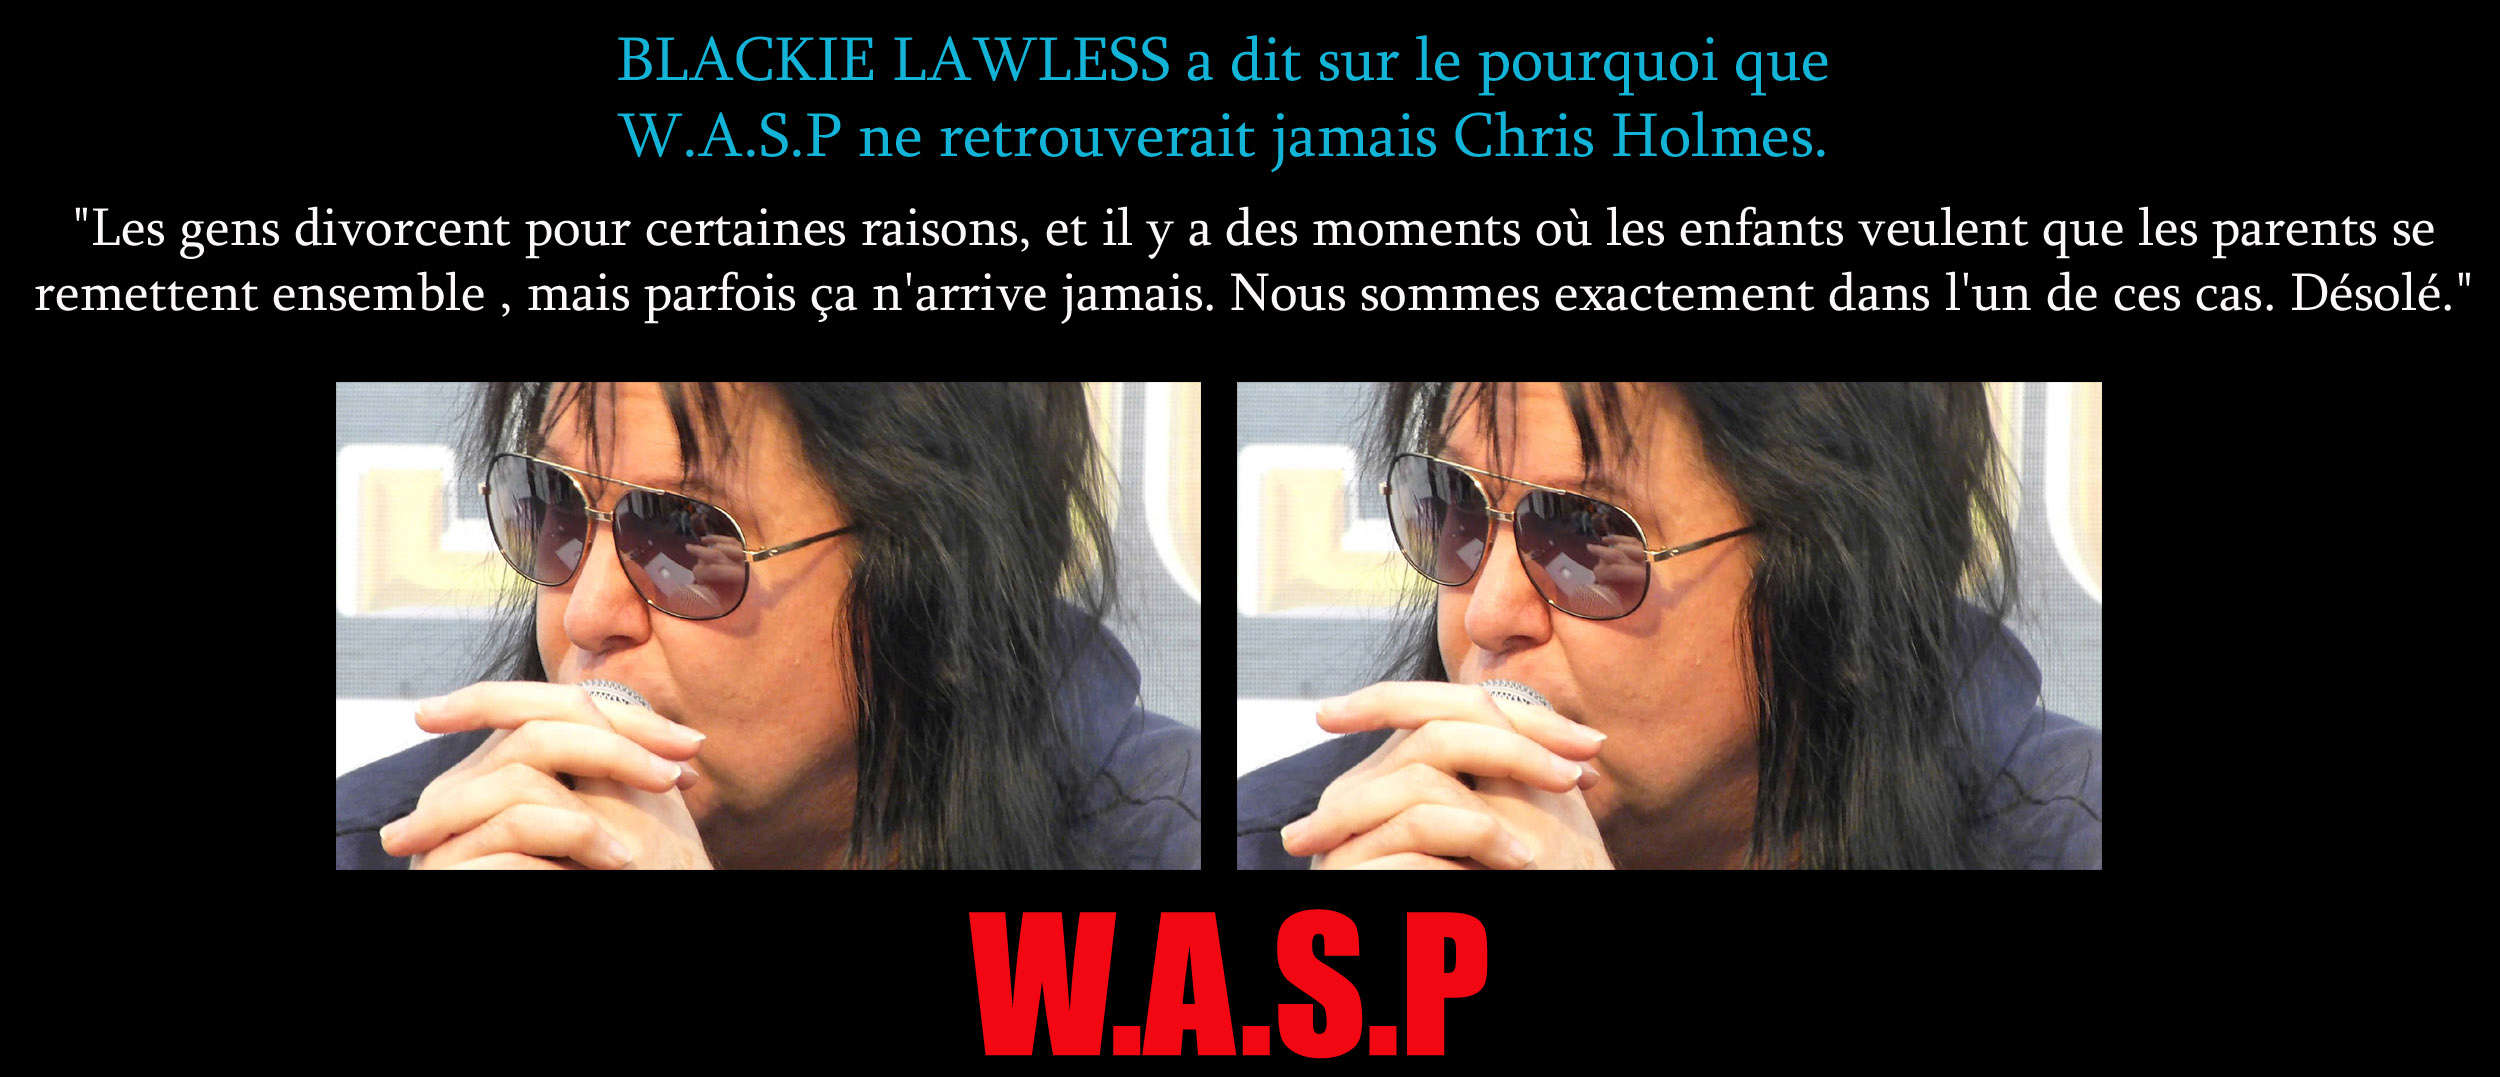 BLACKIE LAWLESS a dit ... sur le pourquoi que W.A.S.P ne retrouverait jamais Chris Holmes Wasp10